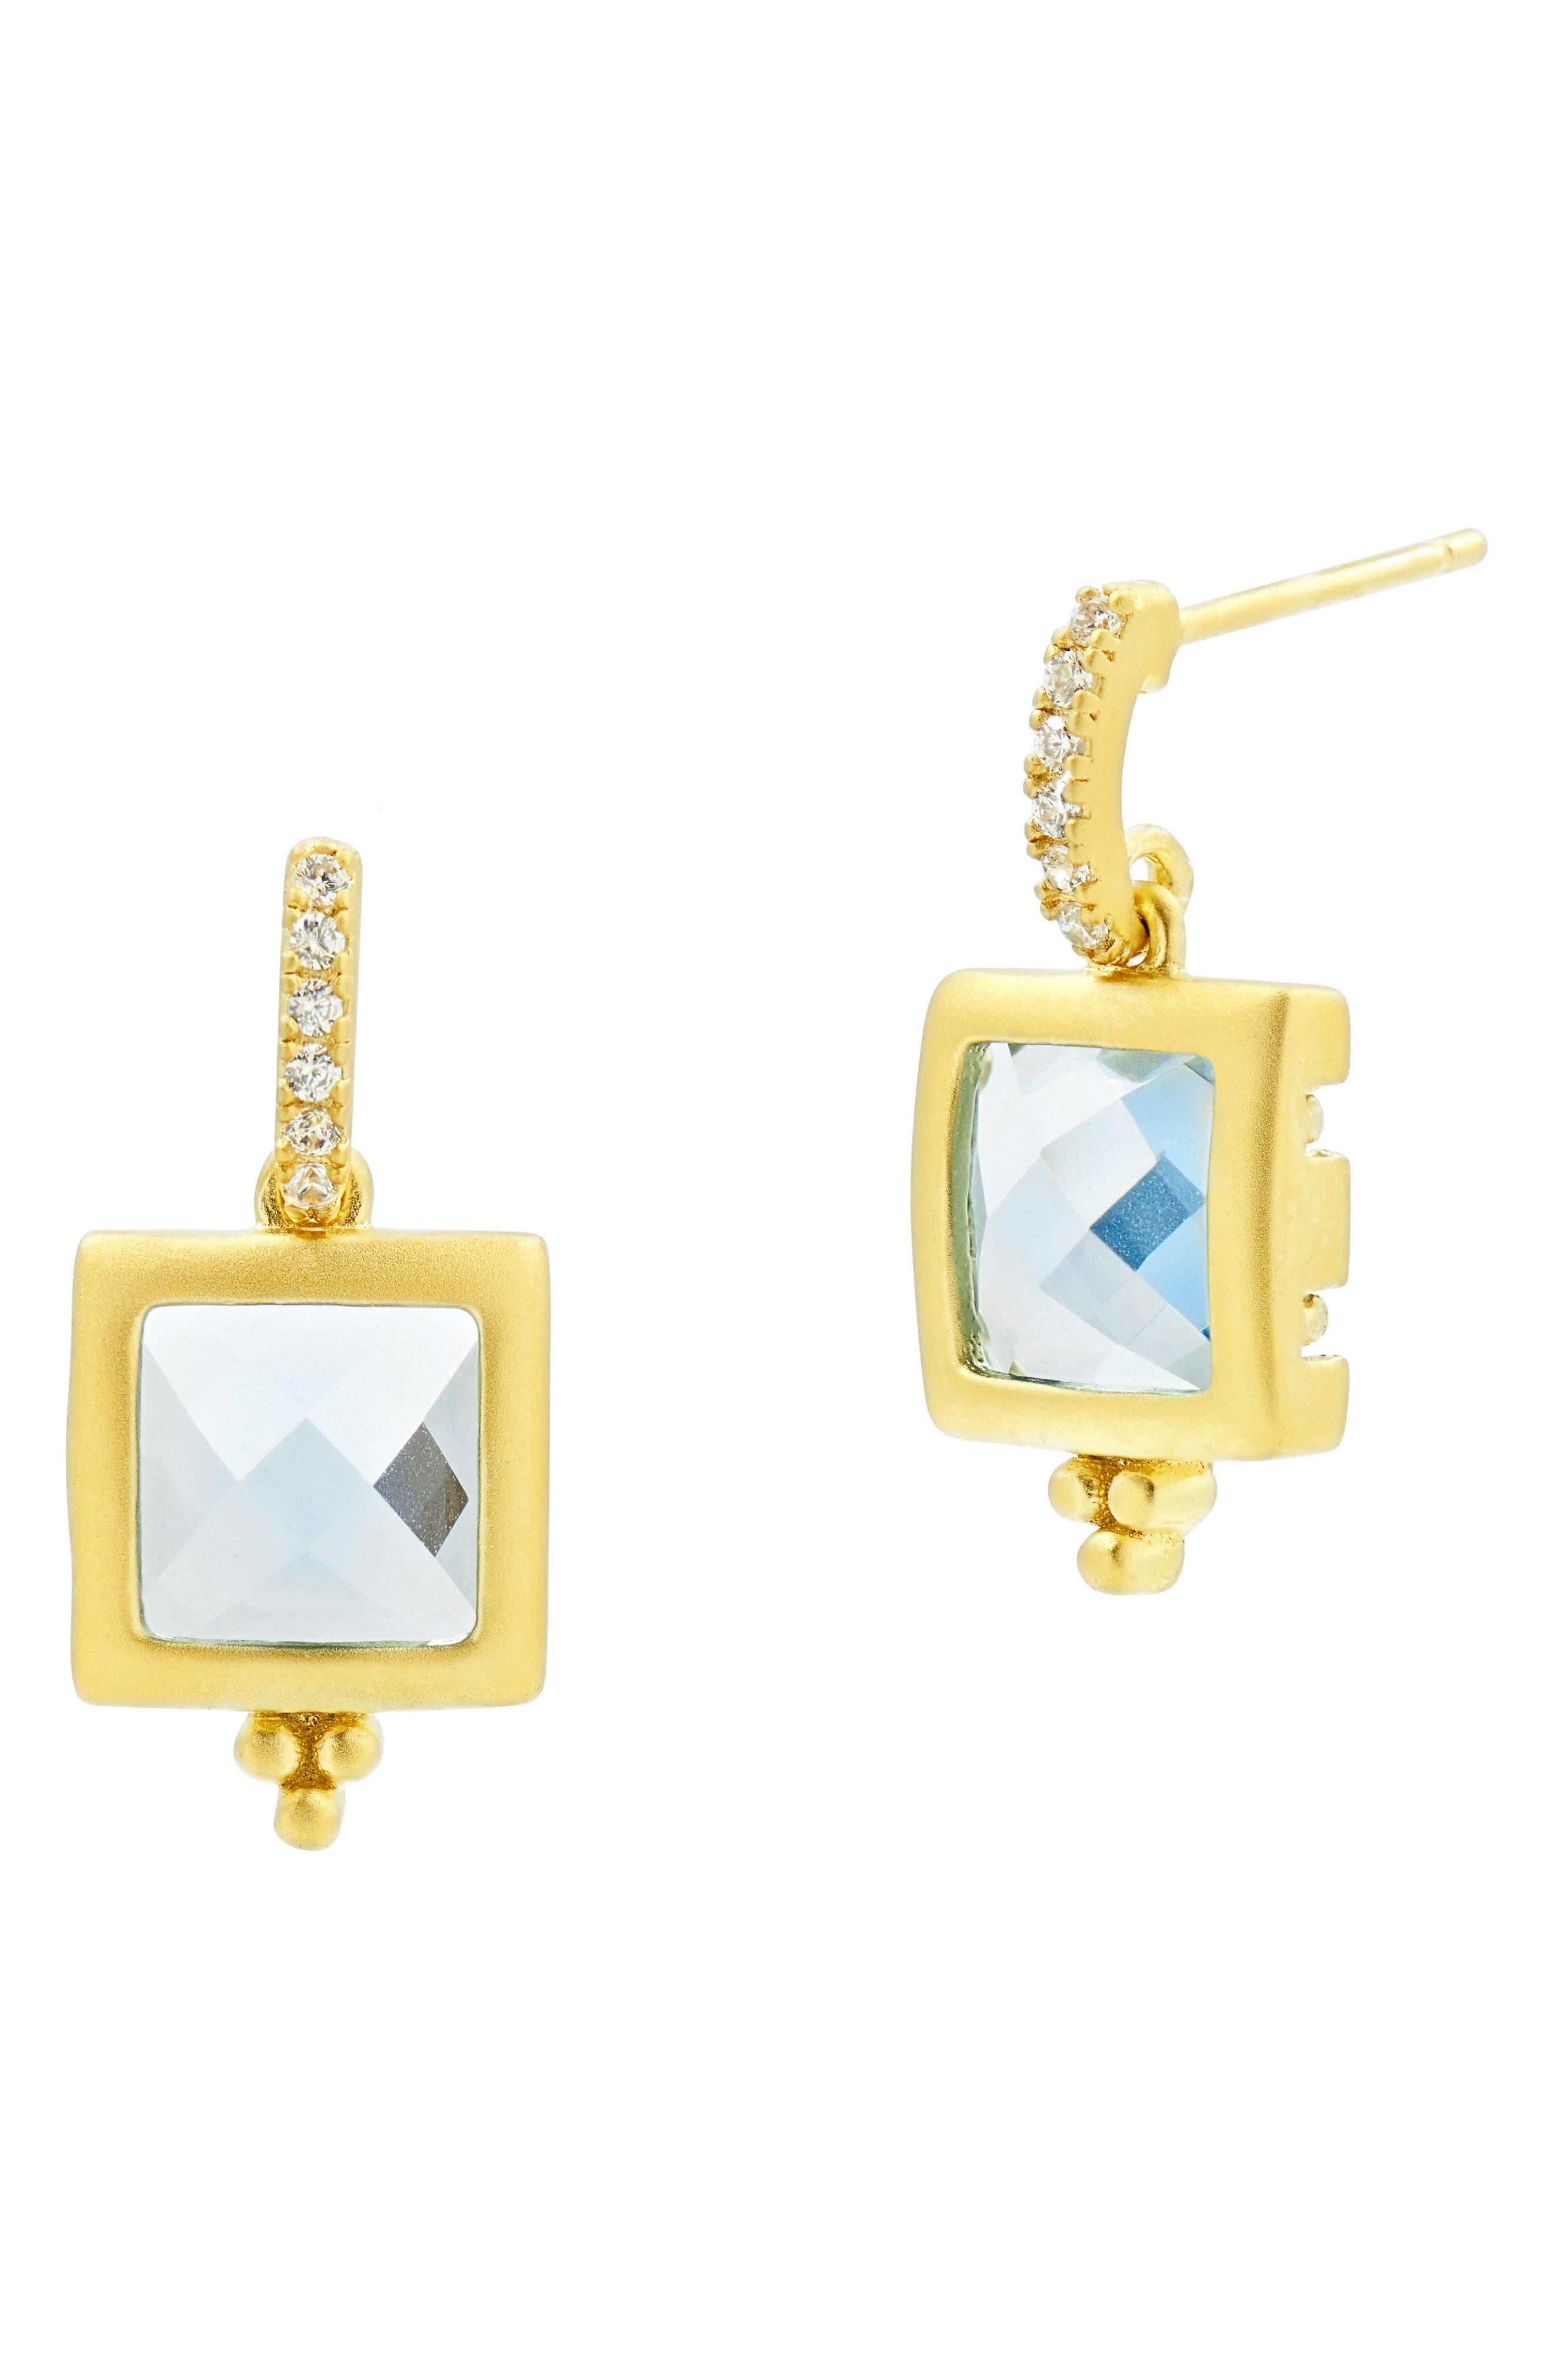 Alternate Image 1 Selected - FREIDA ROTHMAN Ocean Azure Cubic Zirconia Stud Earrings